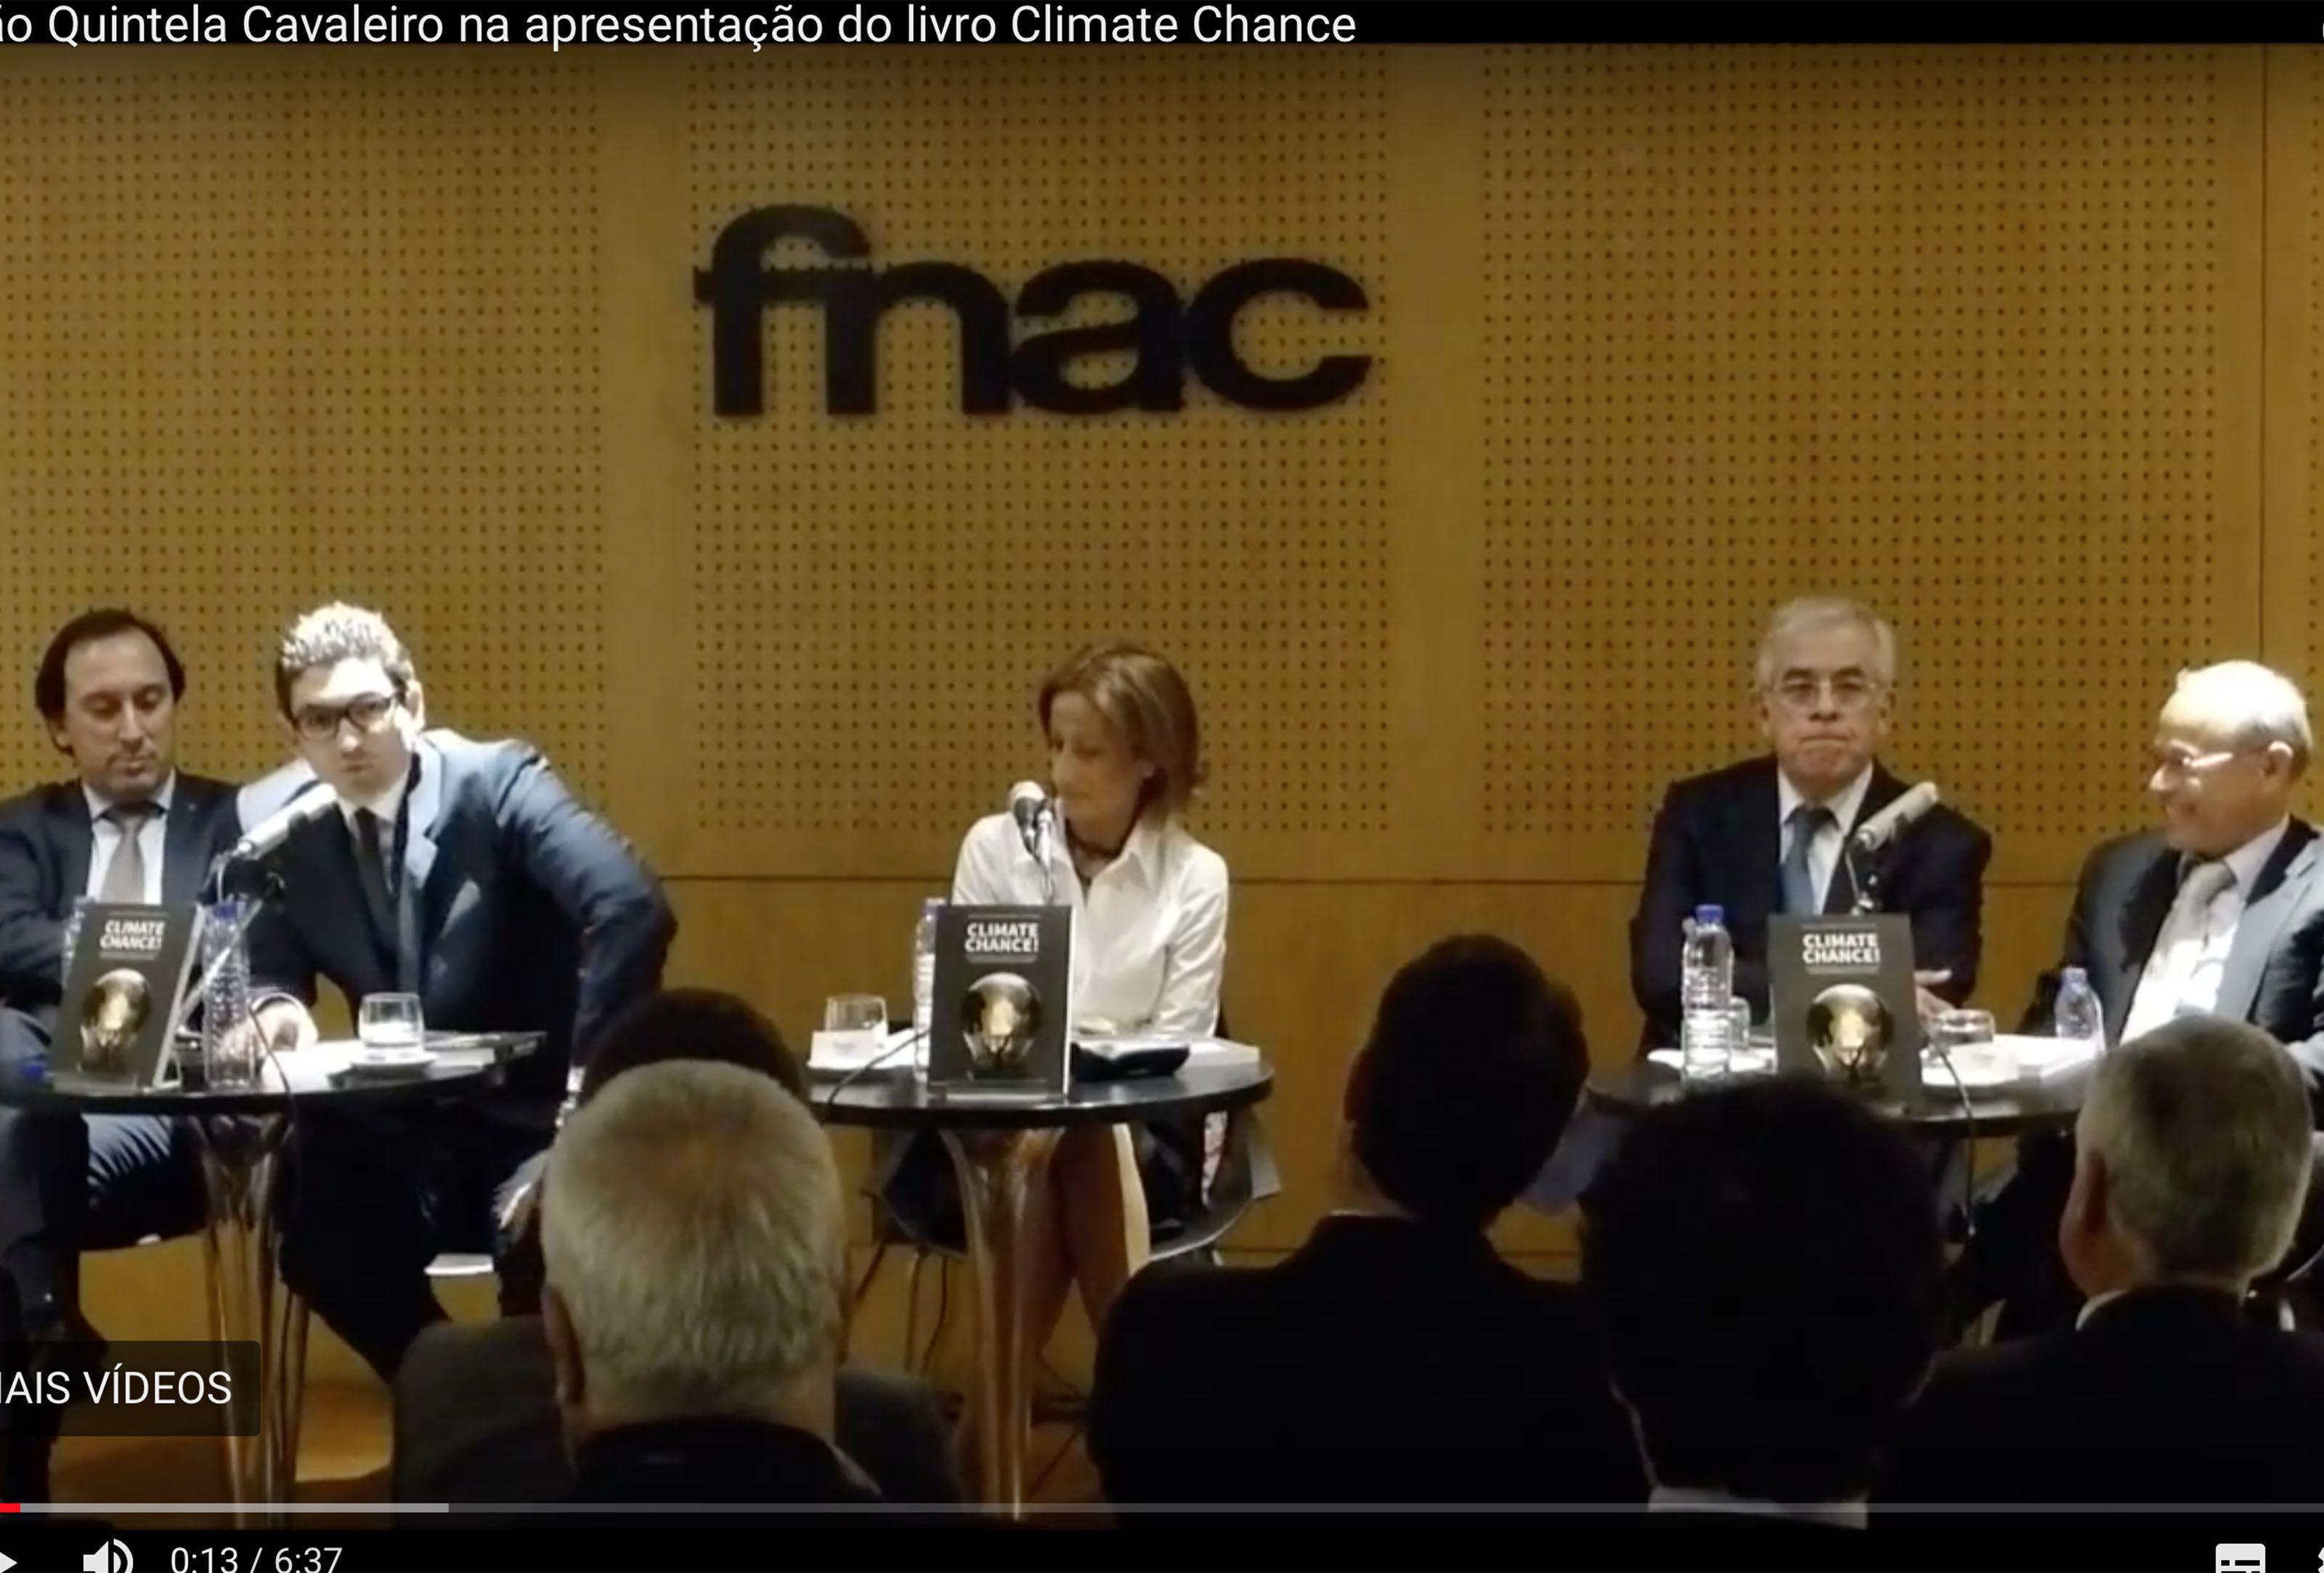 João Quintela Cavaleiro na apresentação do livro Climate Chance